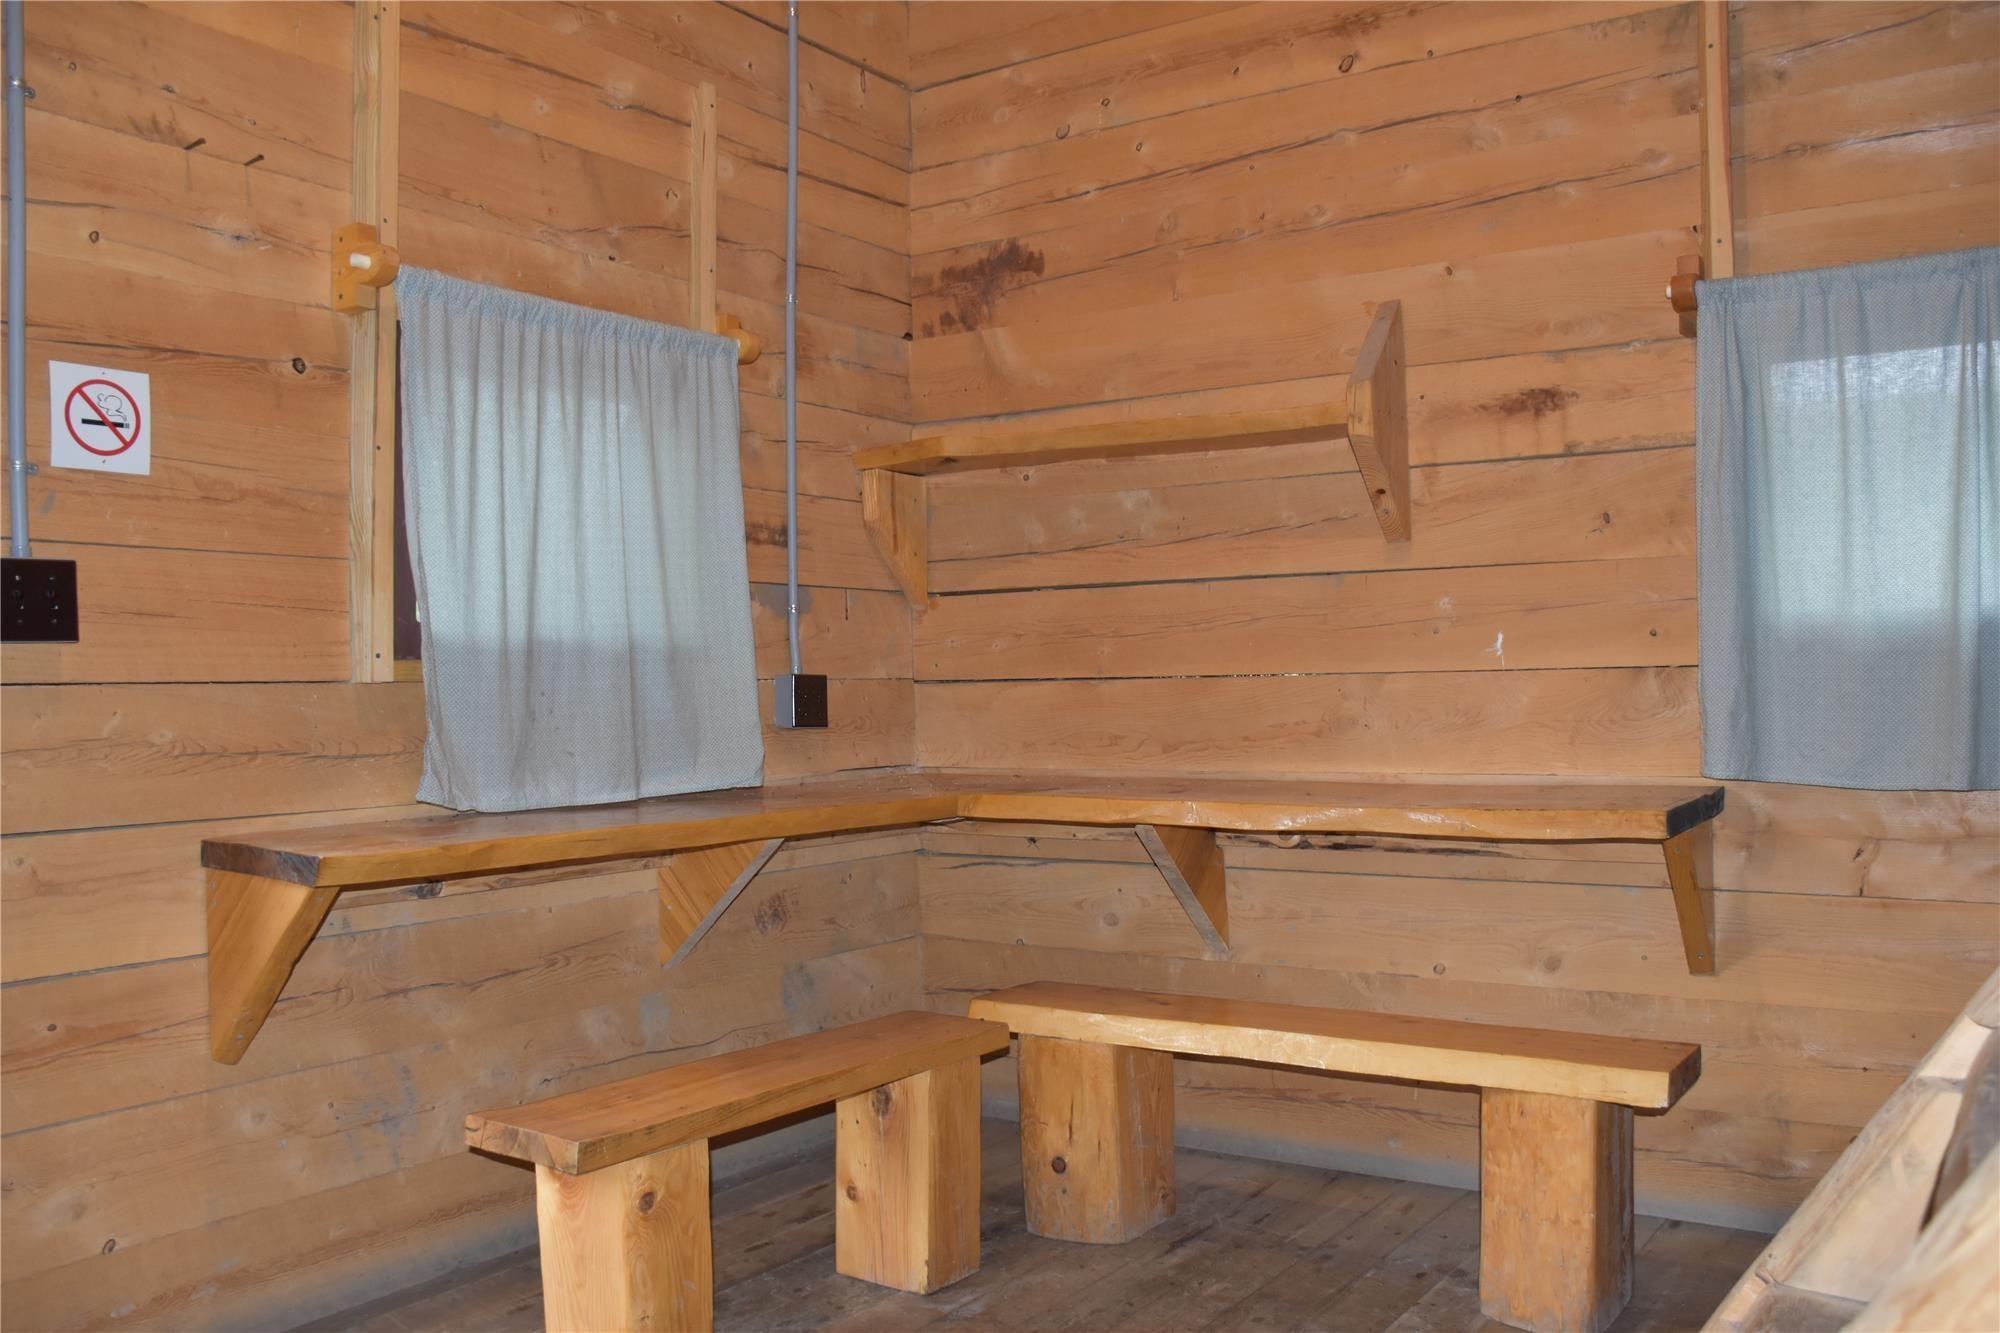 Knoebels Park Campground | Knoebels Amusement Resort